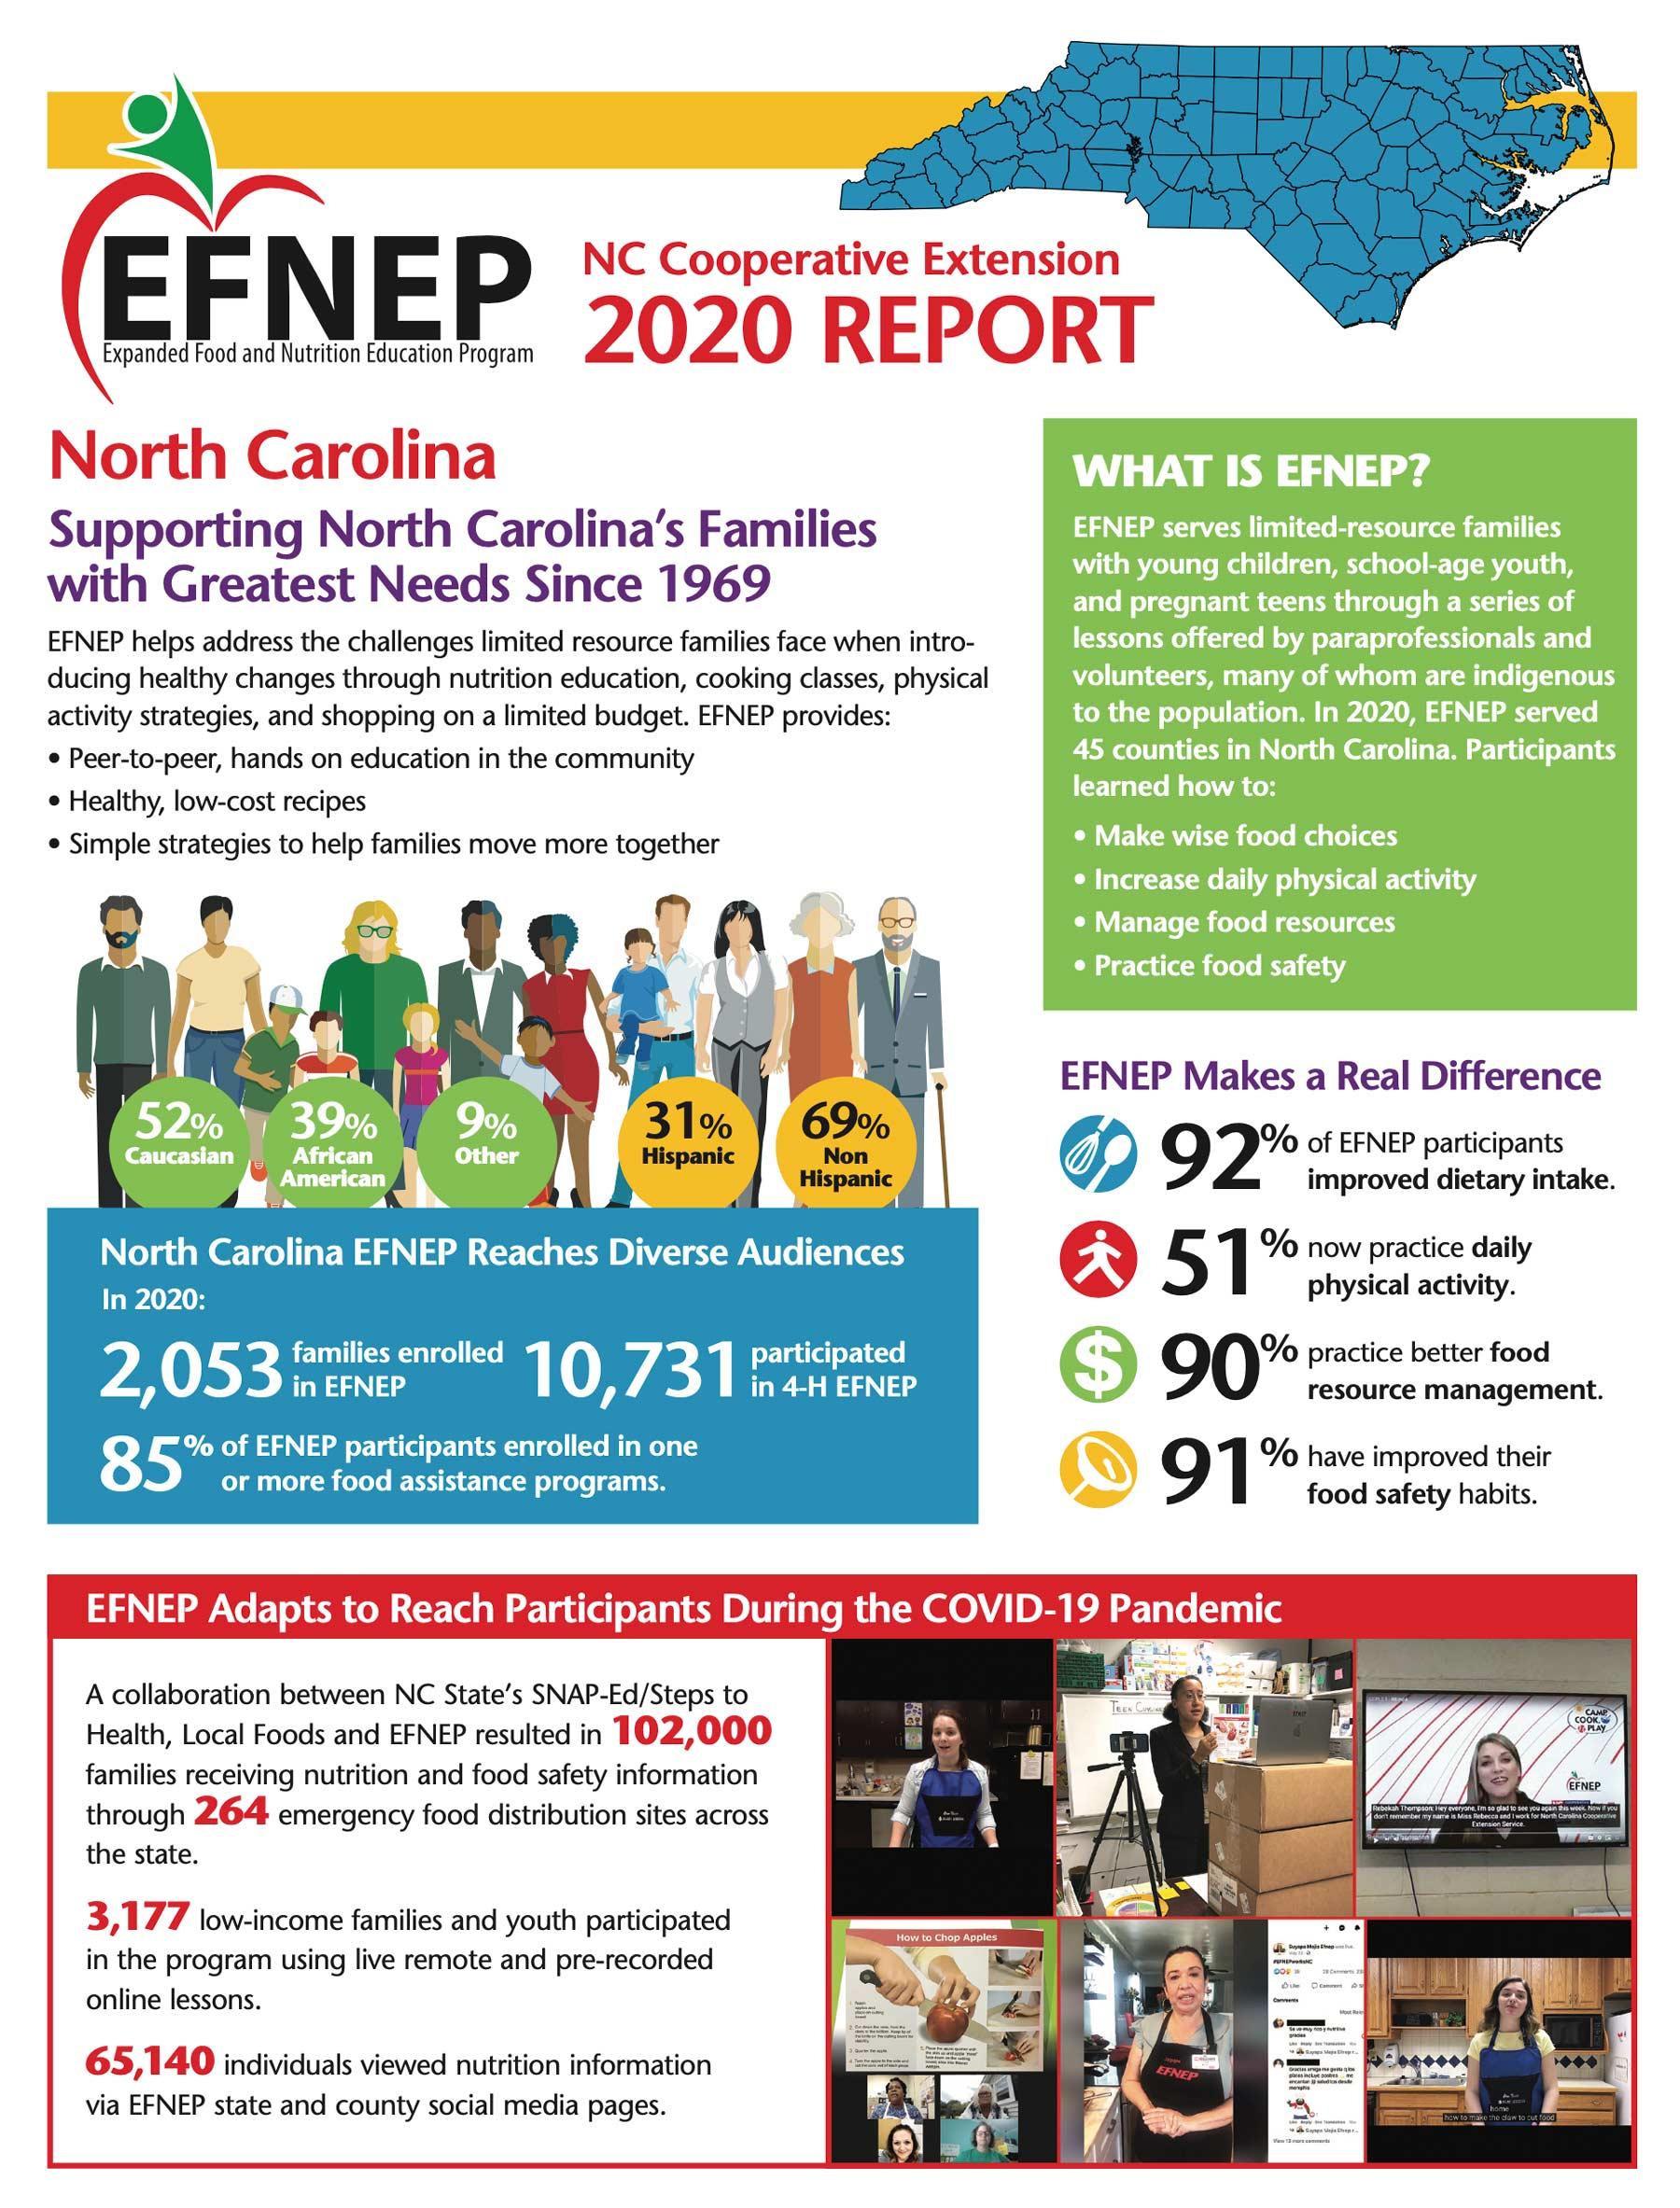 EFNEP 2020 Report